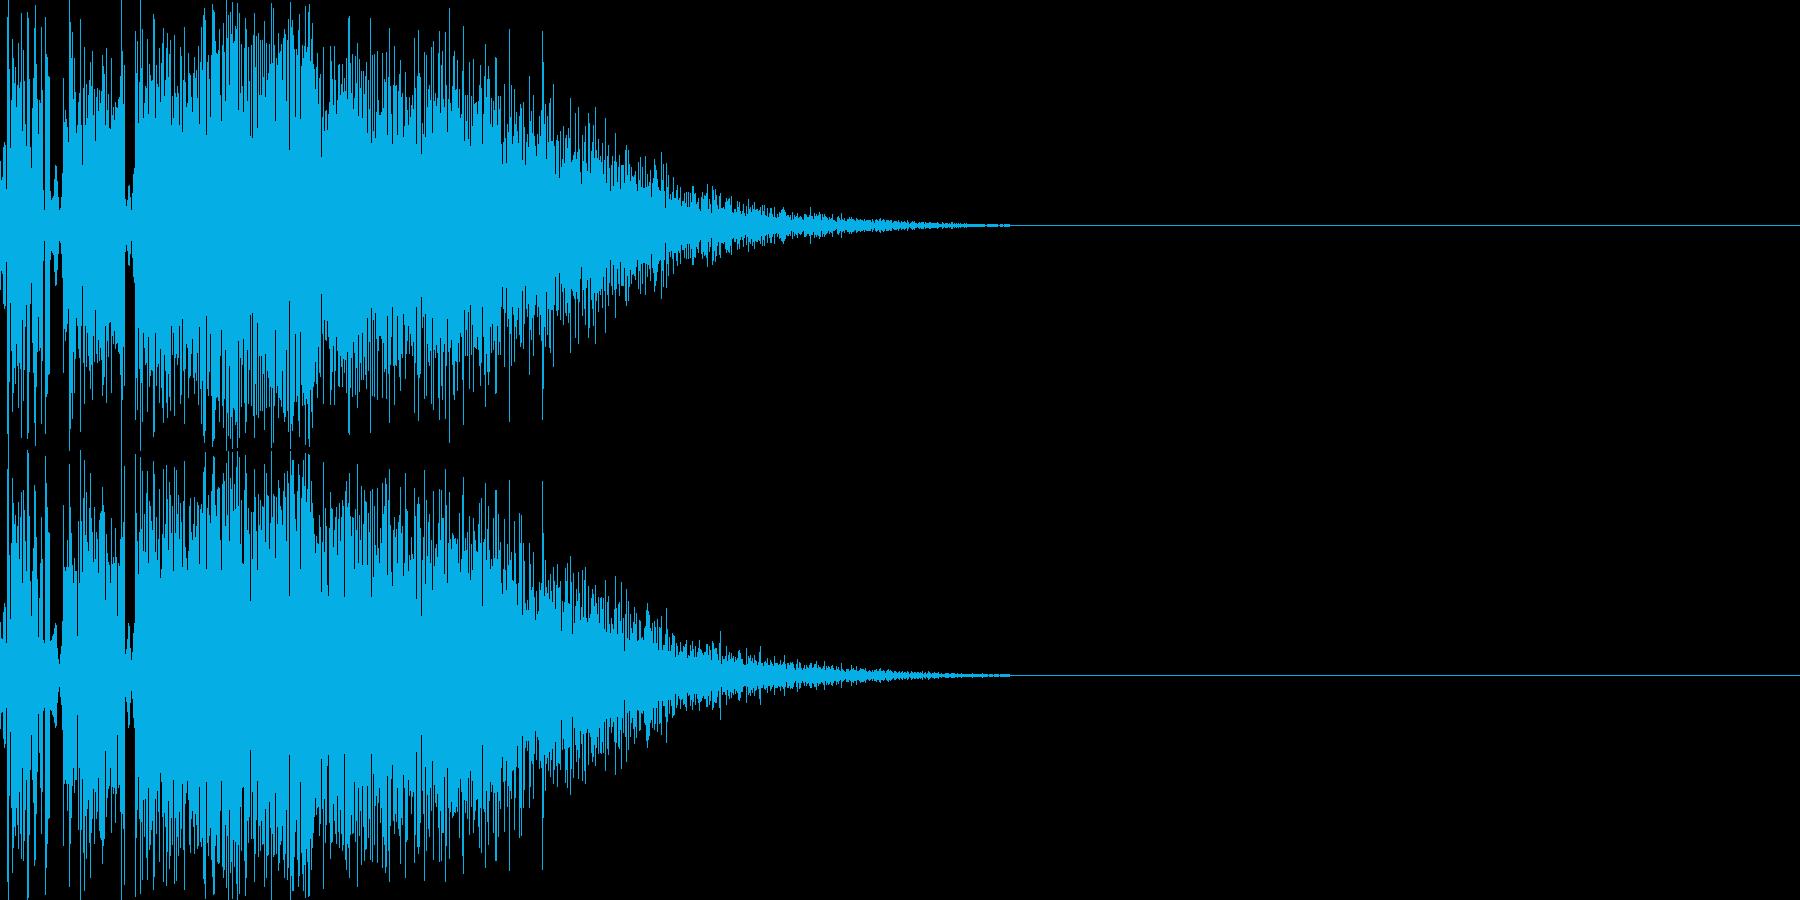 ジャブ(ビシッと軽い音)の再生済みの波形